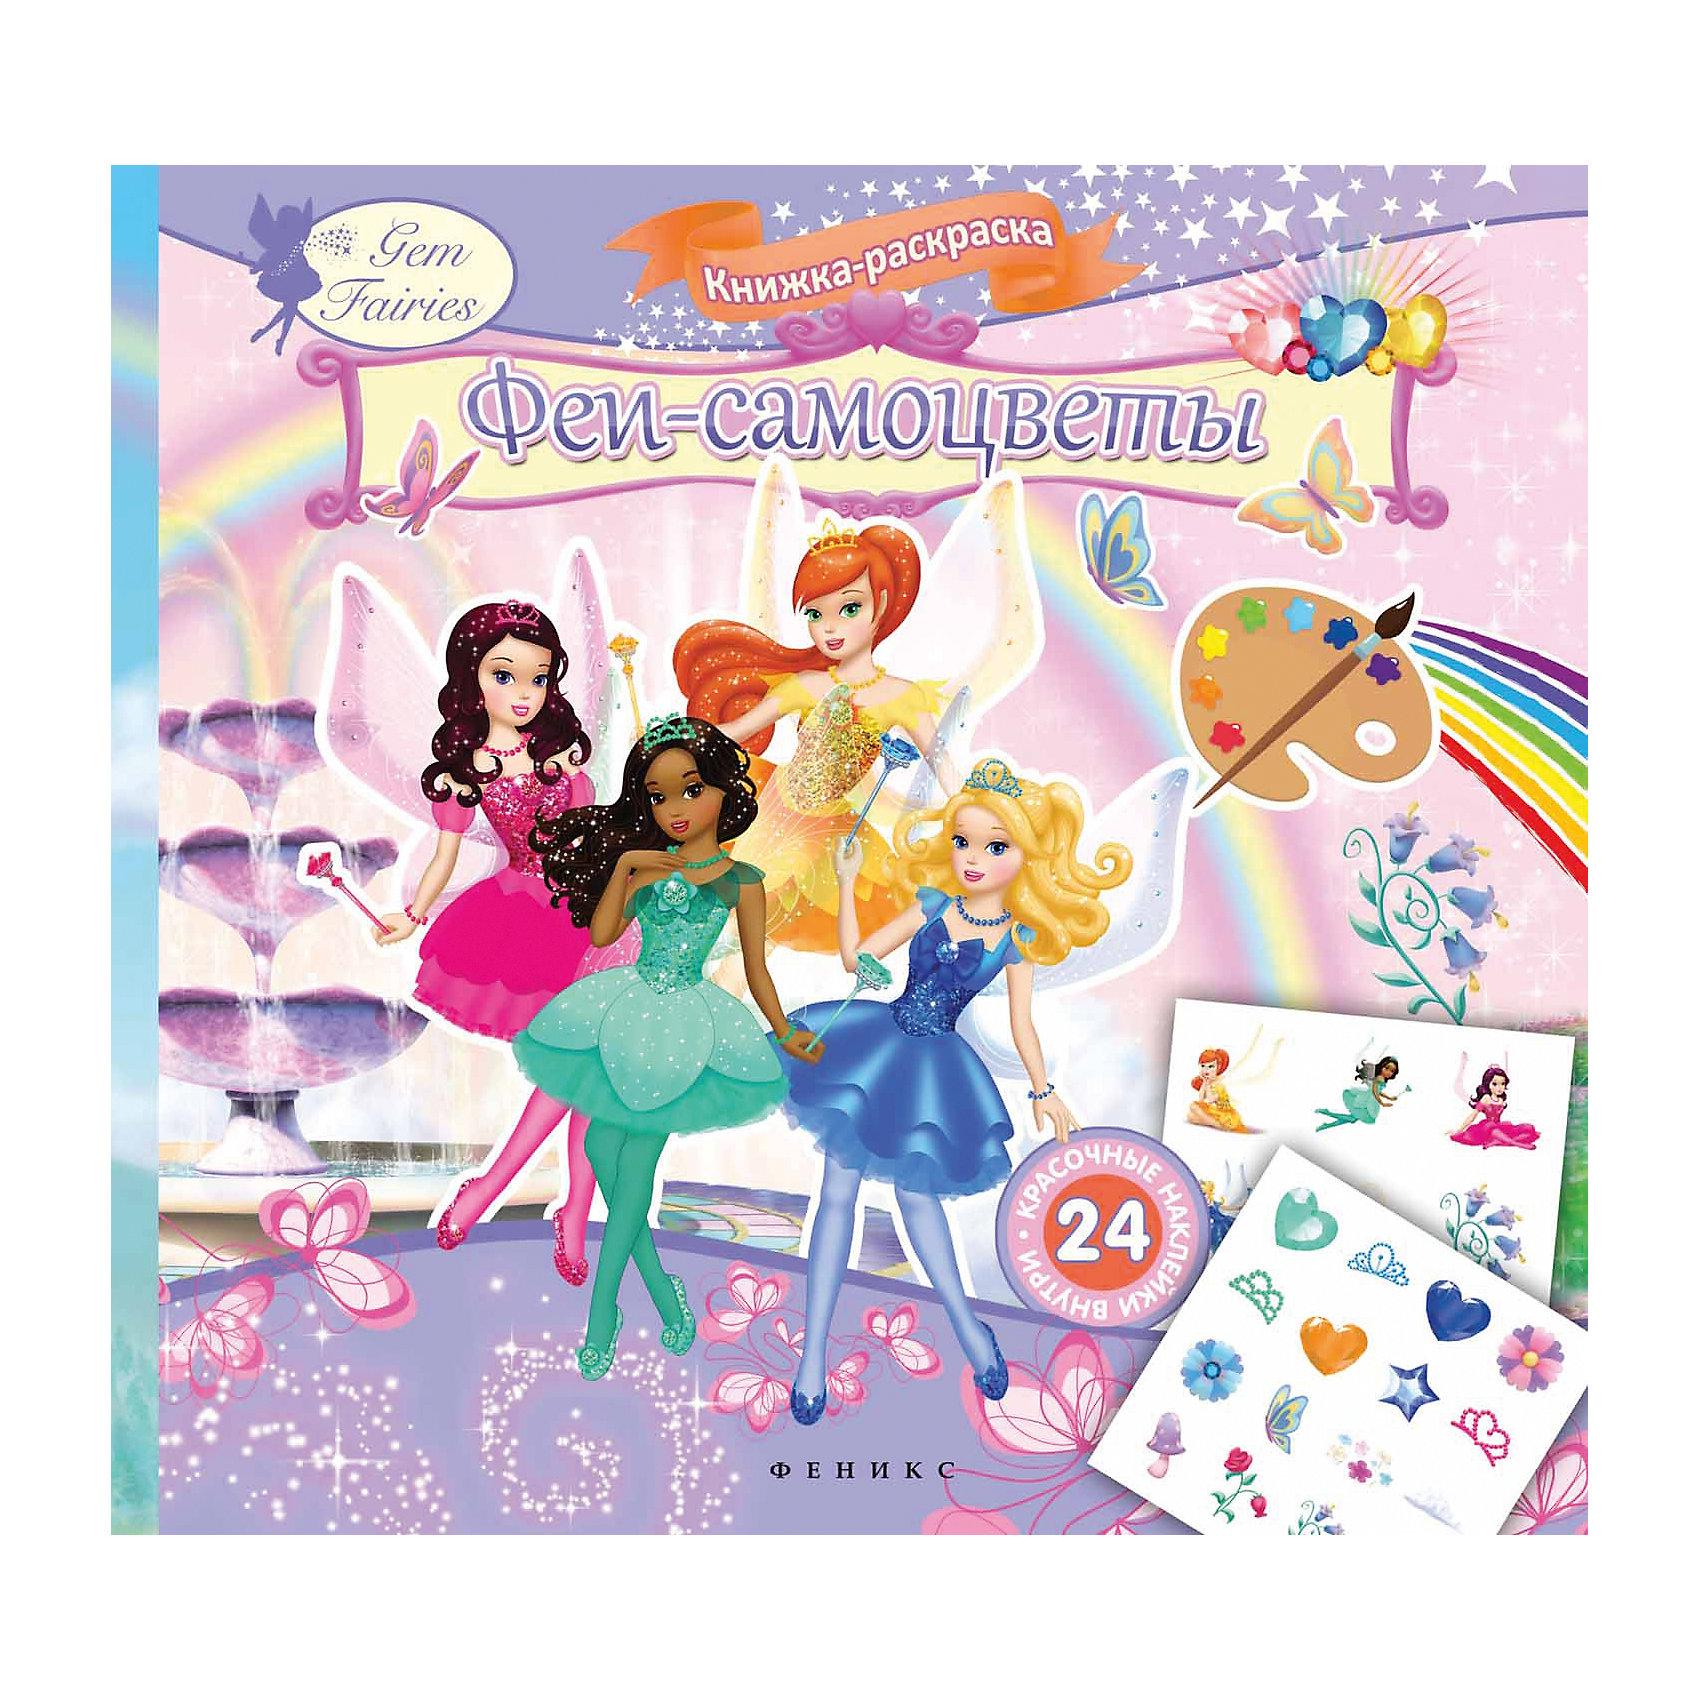 Феи-самоцветы: книжка-раскраскаРисование<br>Gem Fairies — известные во всем мире принцессы, которые умеют превращаться в волшебных фей. Теперь они есть и в России! Развивать мелкую моторику и учиться работать с цветом в компании этих изящных и стильных принцесс занимательно и увлекательно!<br>Принцессы Рубин, Янтарь, Сапфир и Изумруд помогут развить творческие навыки, внимательность и усидчивость и занять ребенка в течение нескольких часов.<br><br>Ширина мм: 228<br>Глубина мм: 238<br>Высота мм: 1<br>Вес г: 248<br>Возраст от месяцев: 36<br>Возраст до месяцев: 72<br>Пол: Унисекс<br>Возраст: Детский<br>SKU: 5480320